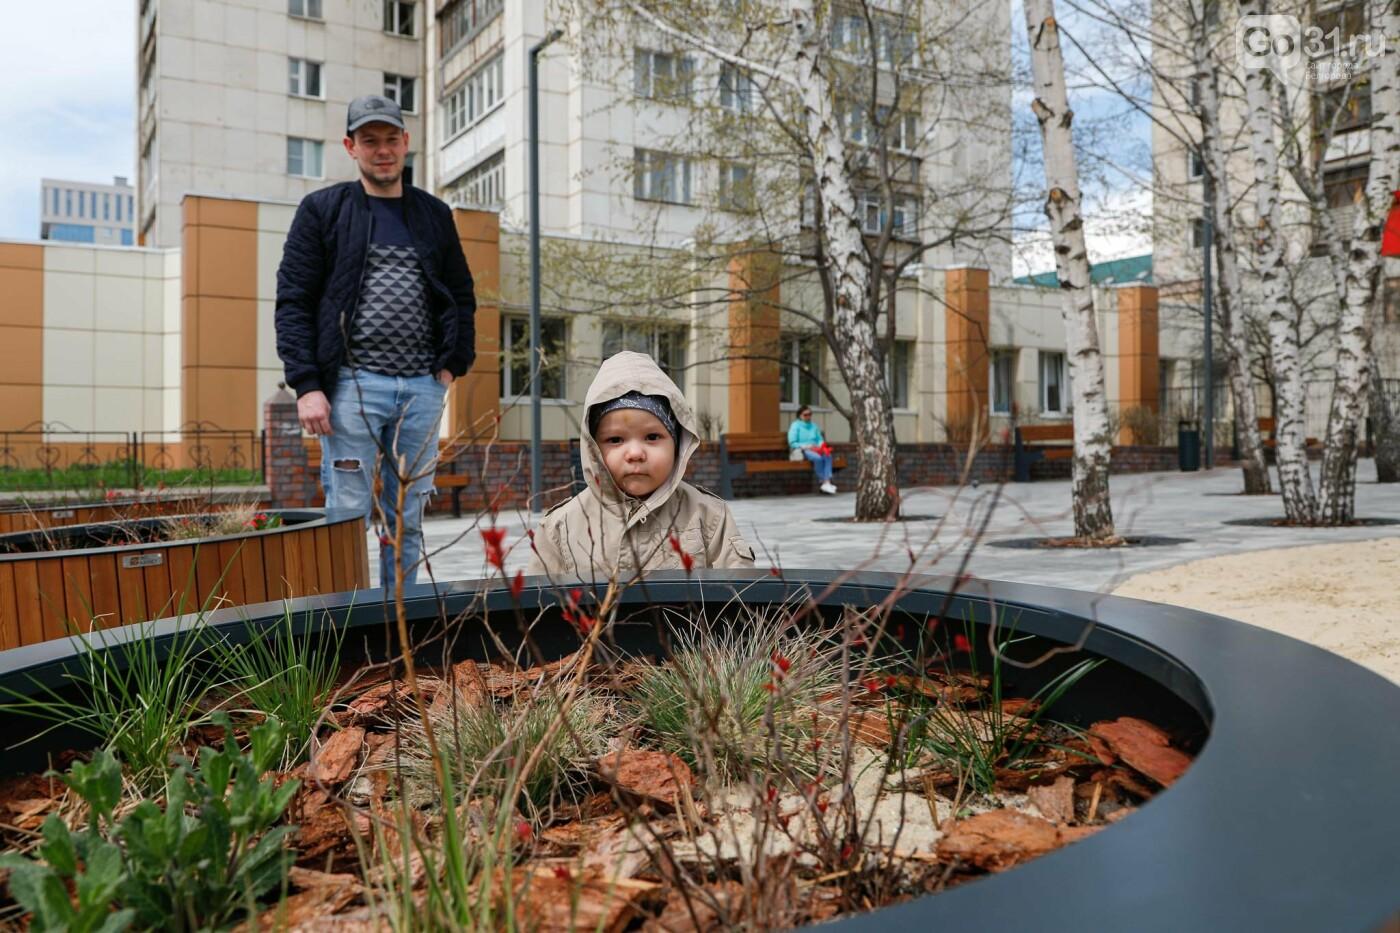 Сквер «Пятачок» в Белгороде, Фото: Антон Вергун